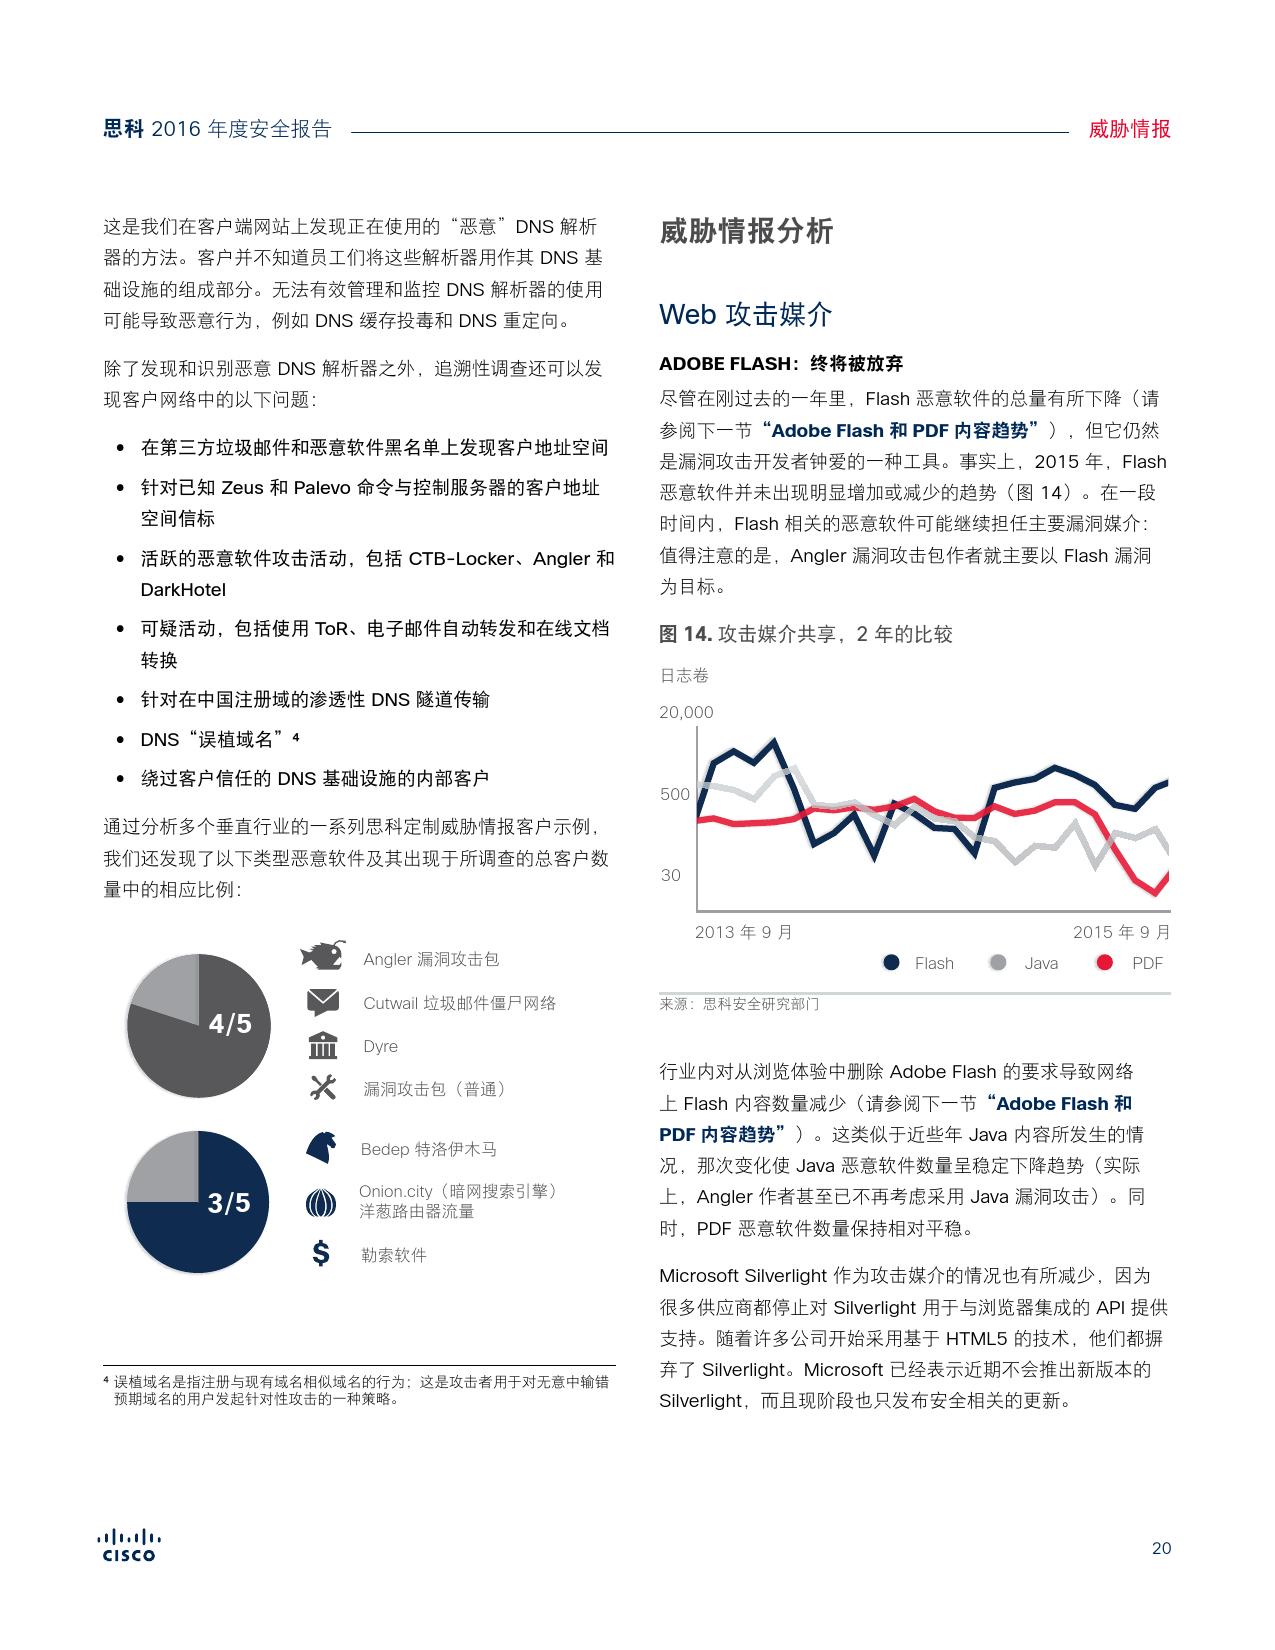 2016年中网络安全报告_000020